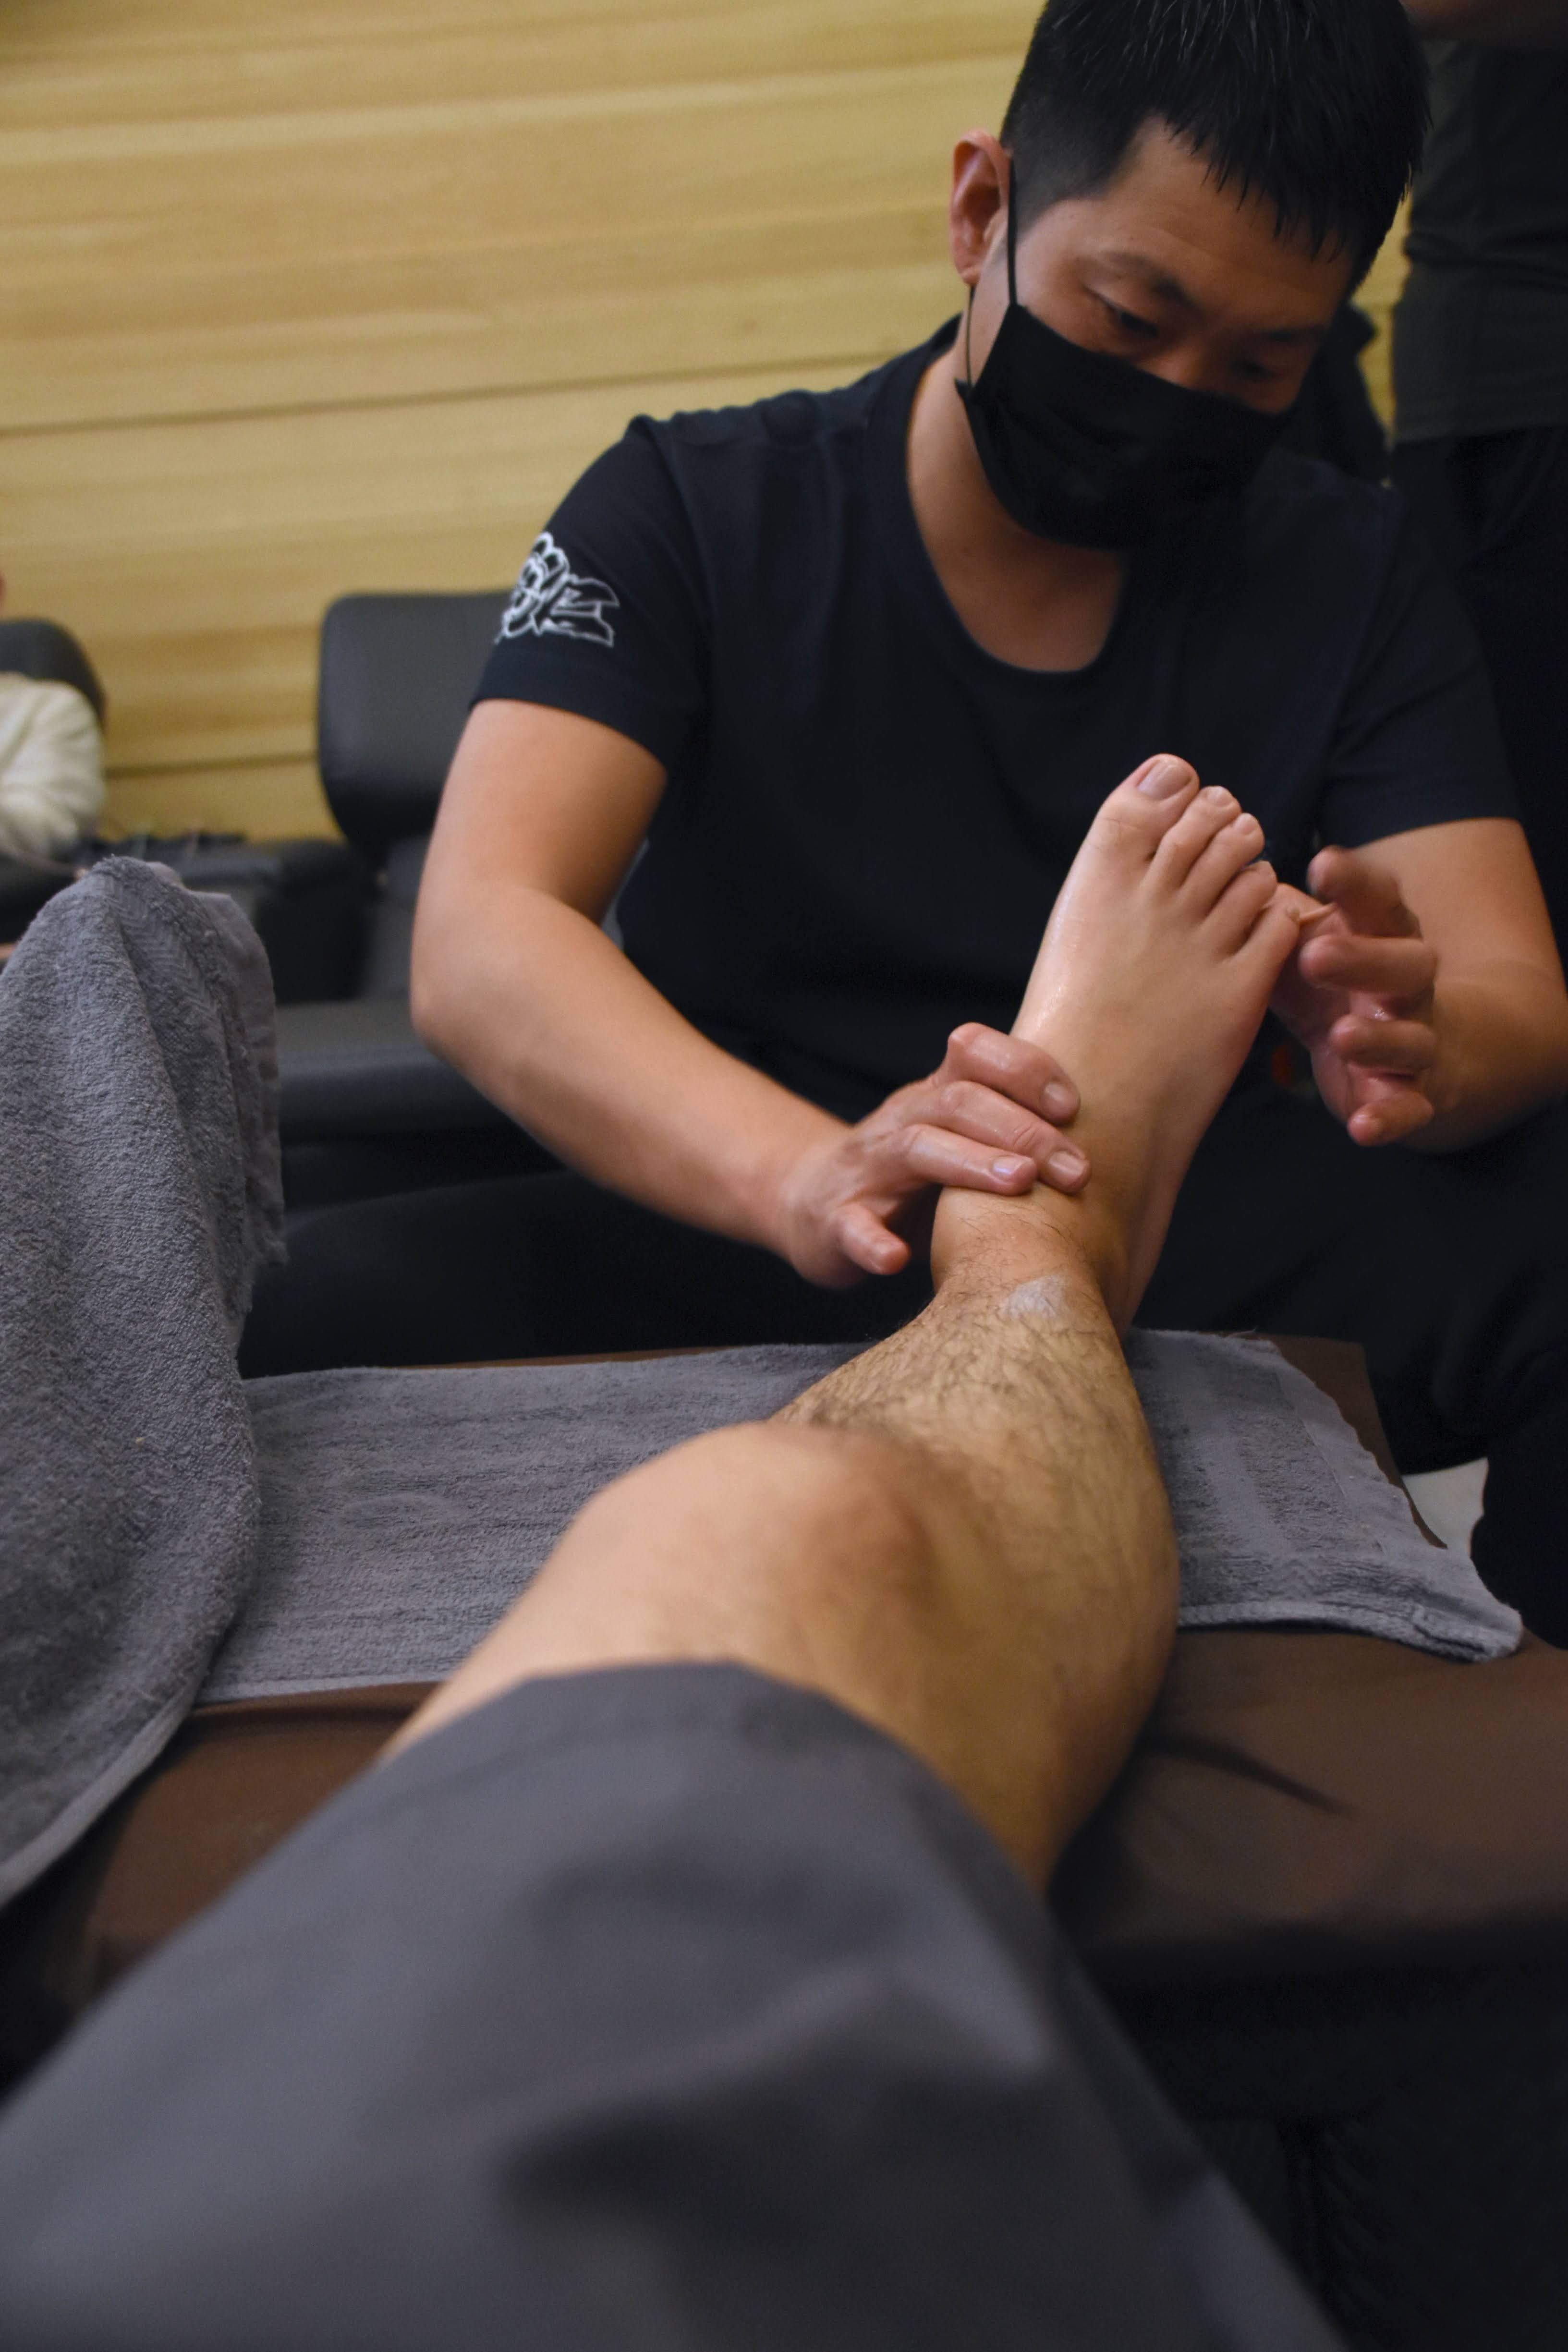 【台南|北區】仁足天下美容足體館,來一場專業的足底按摩及全身經絡按摩,舒緩日常的各種疲勞。🍃